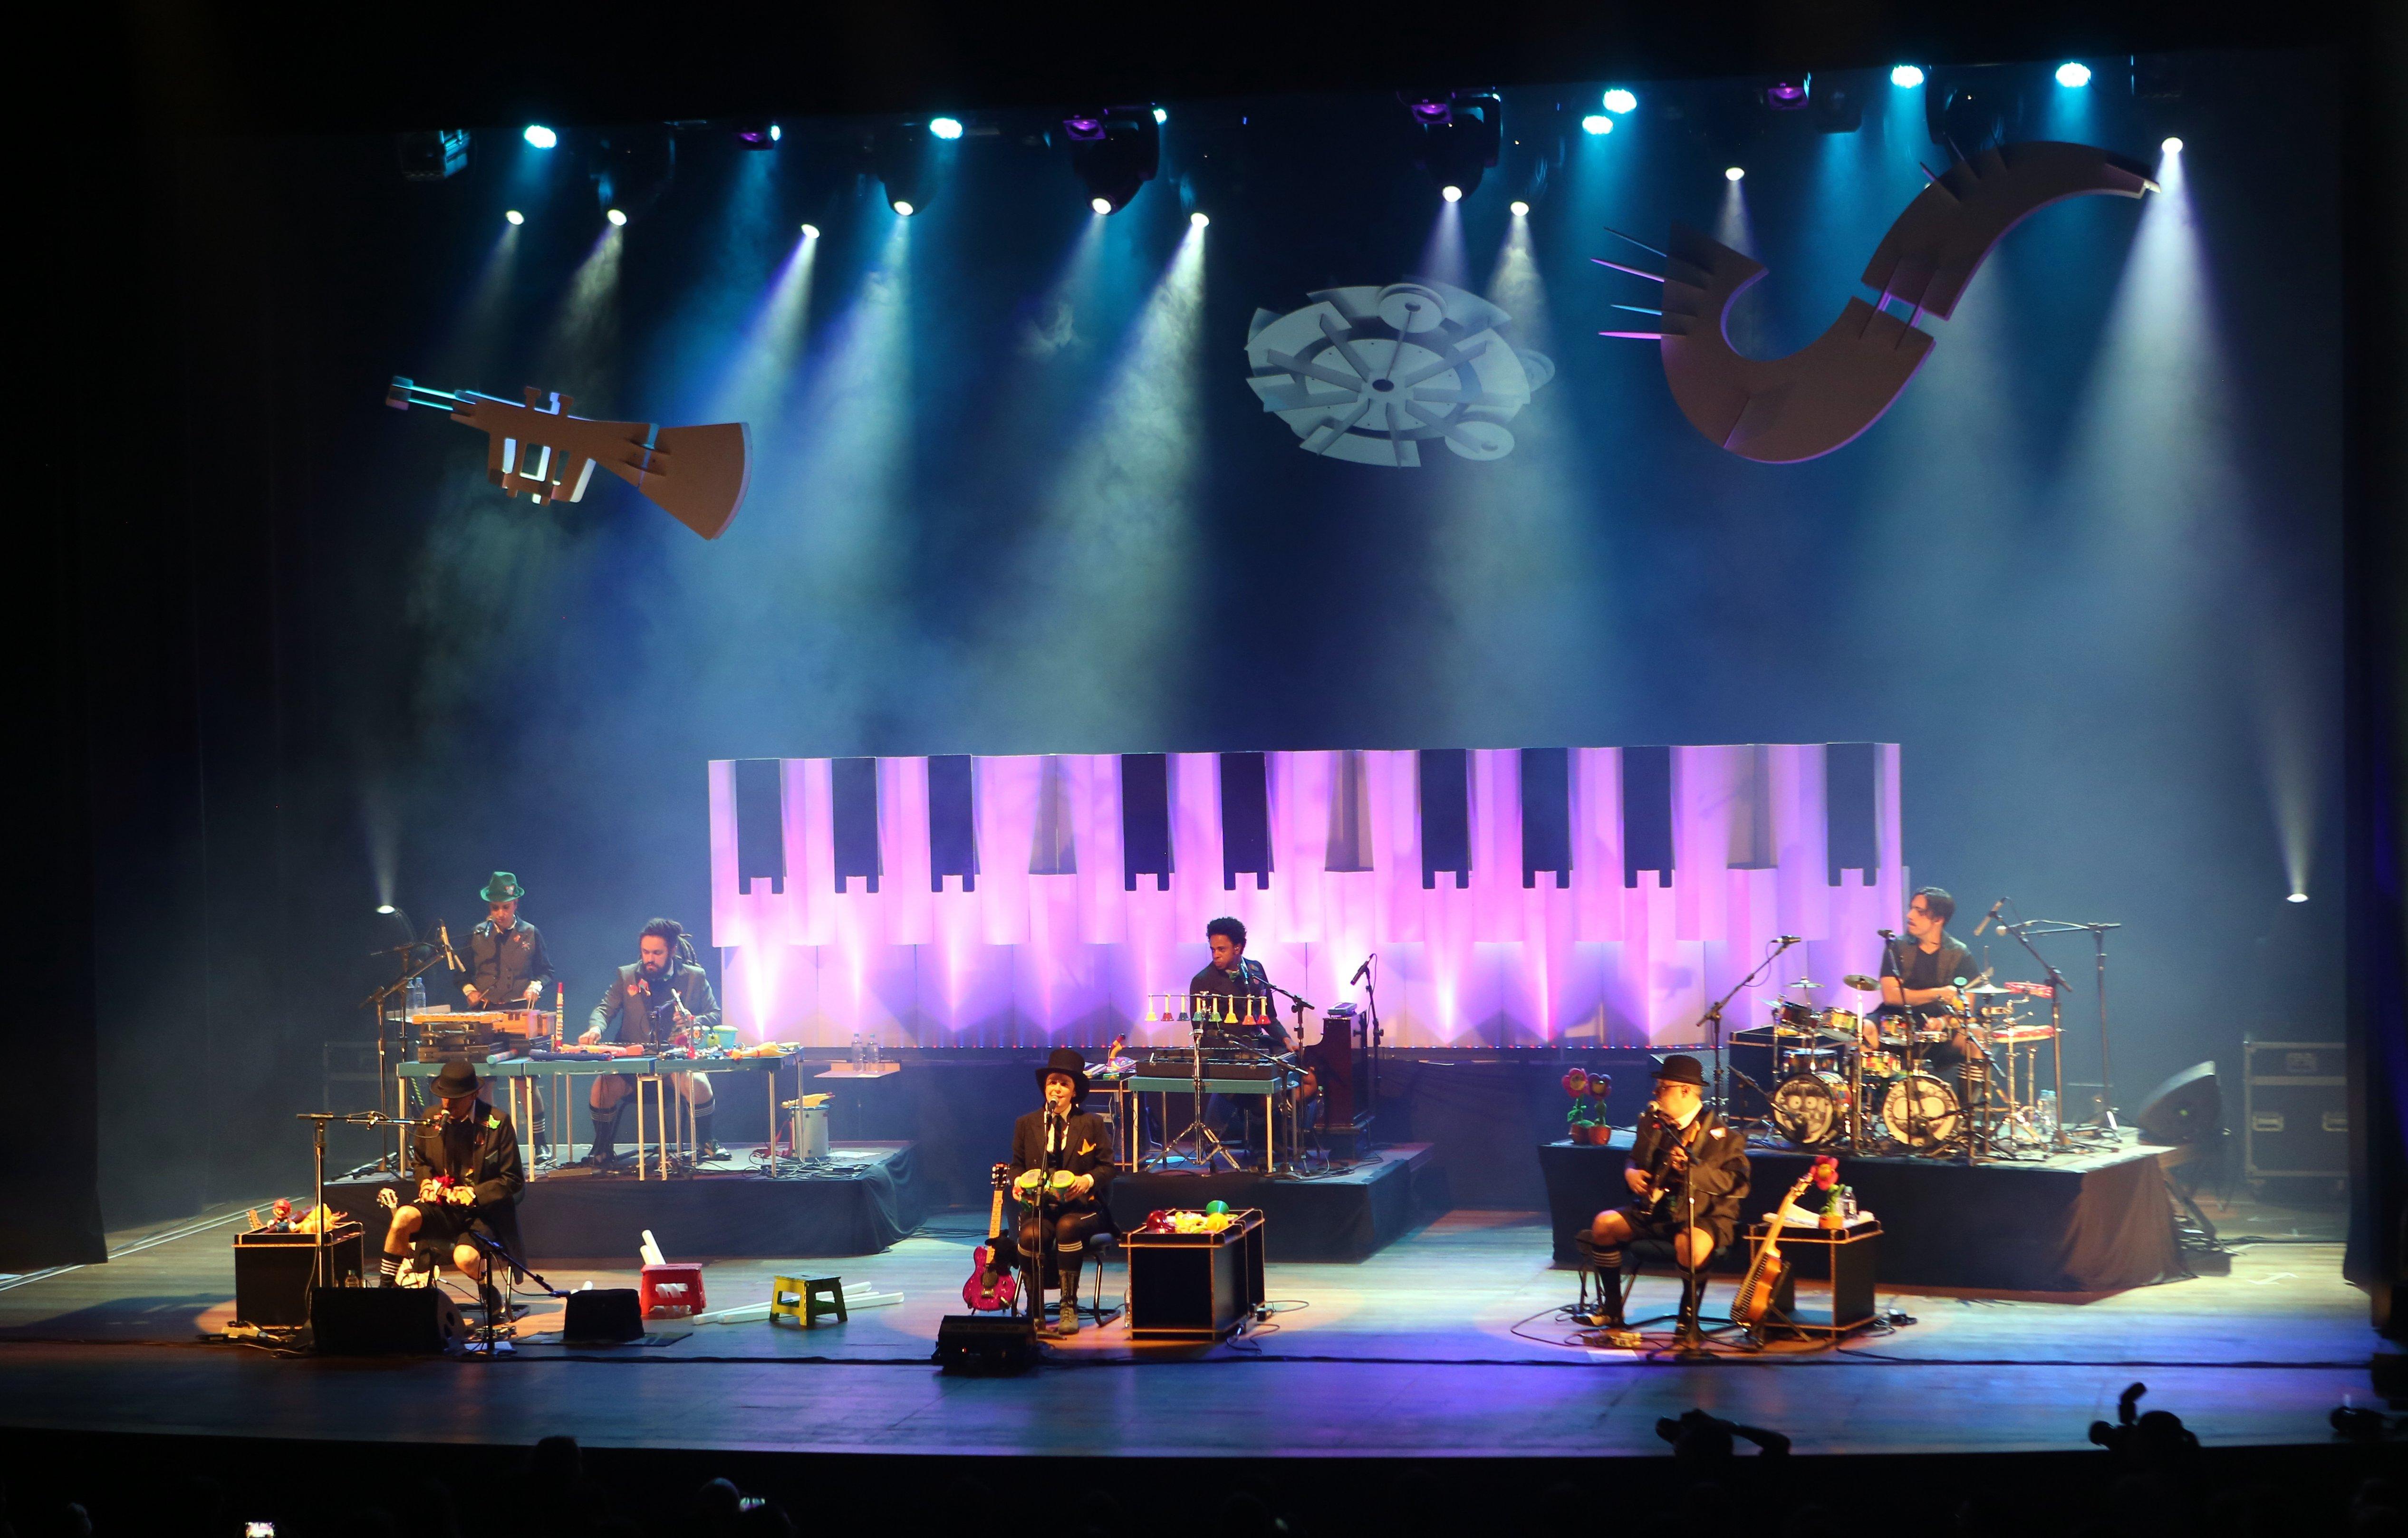 A banda Pato Fu apresenta, no formato on-line, o espetáculo Música e Brinquedo 2, na abertura do Diversão em Cena ArcelorMittal. Foto Orlando Bento